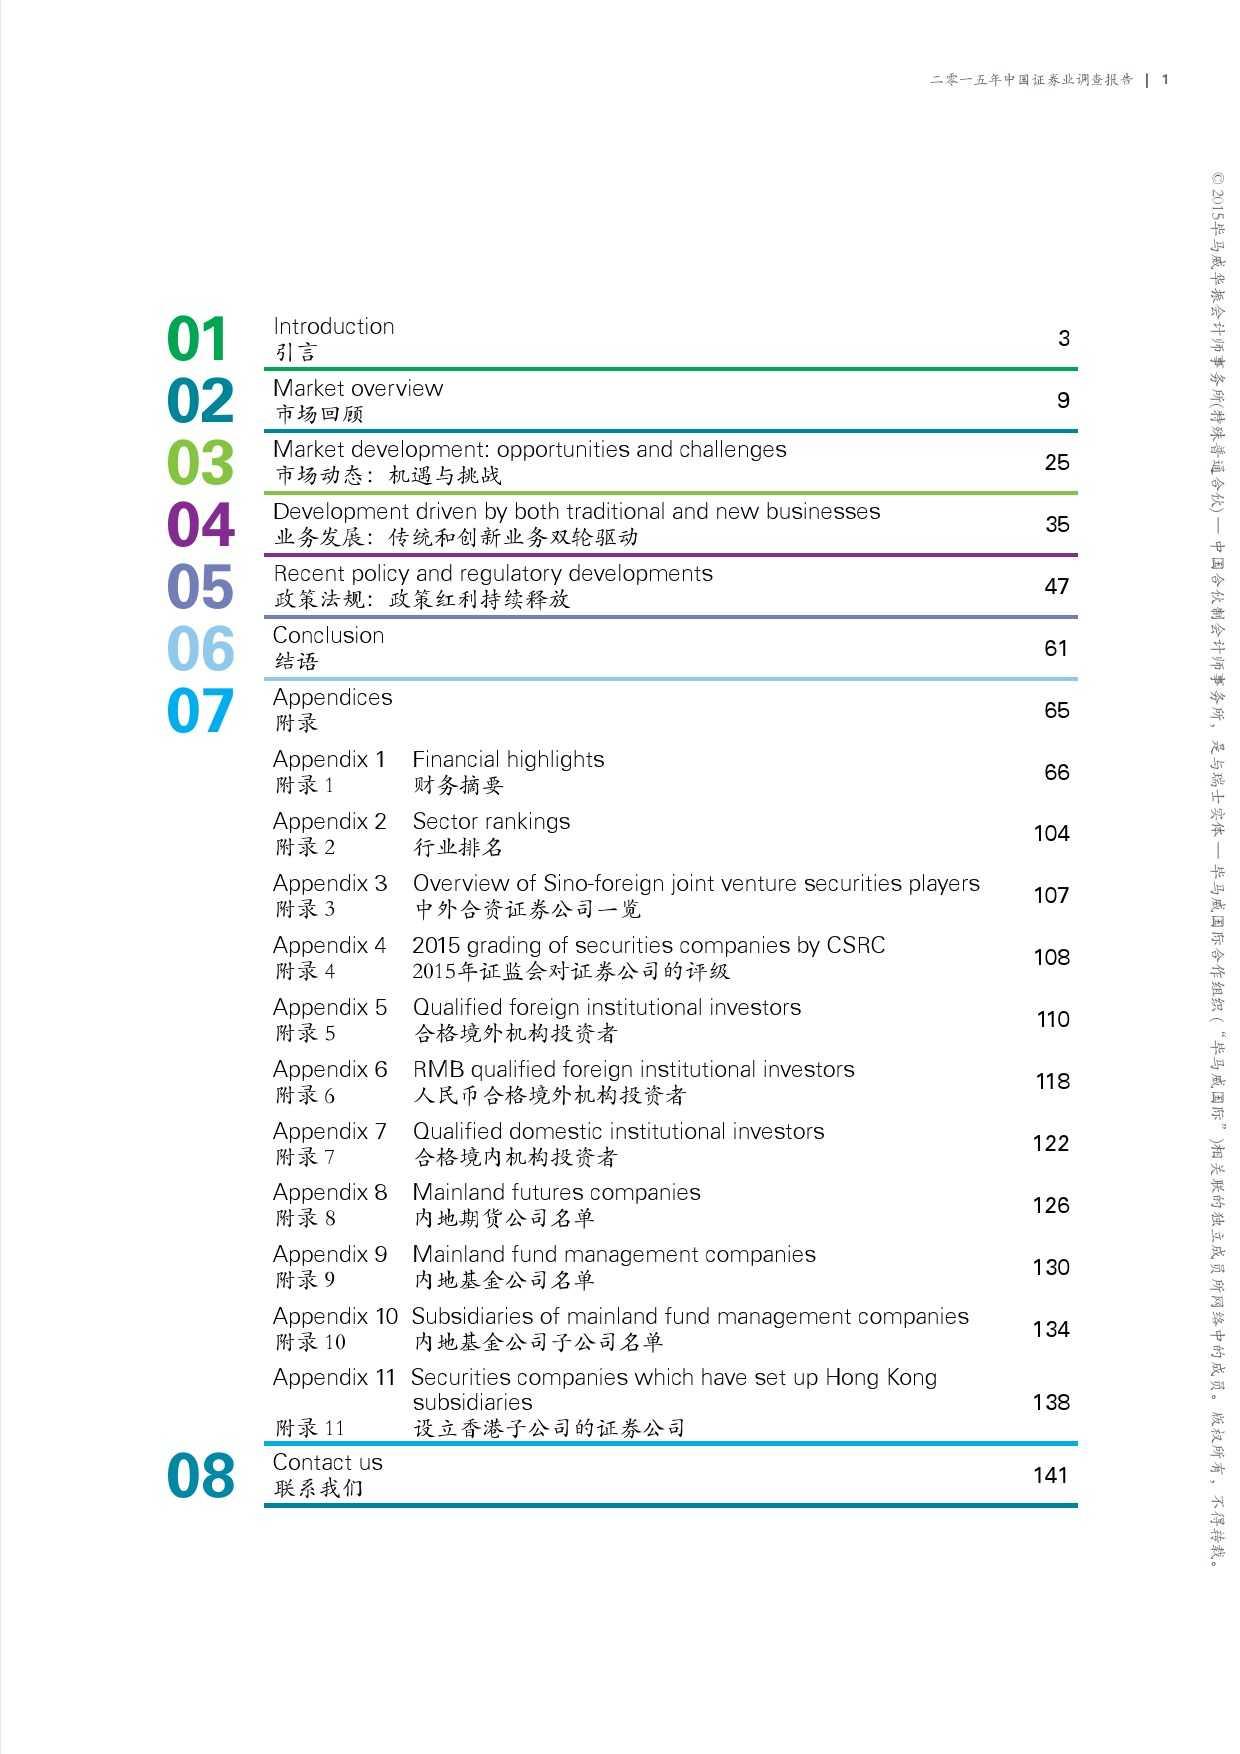 毕马威:2015年中国证券业调查报告_000003